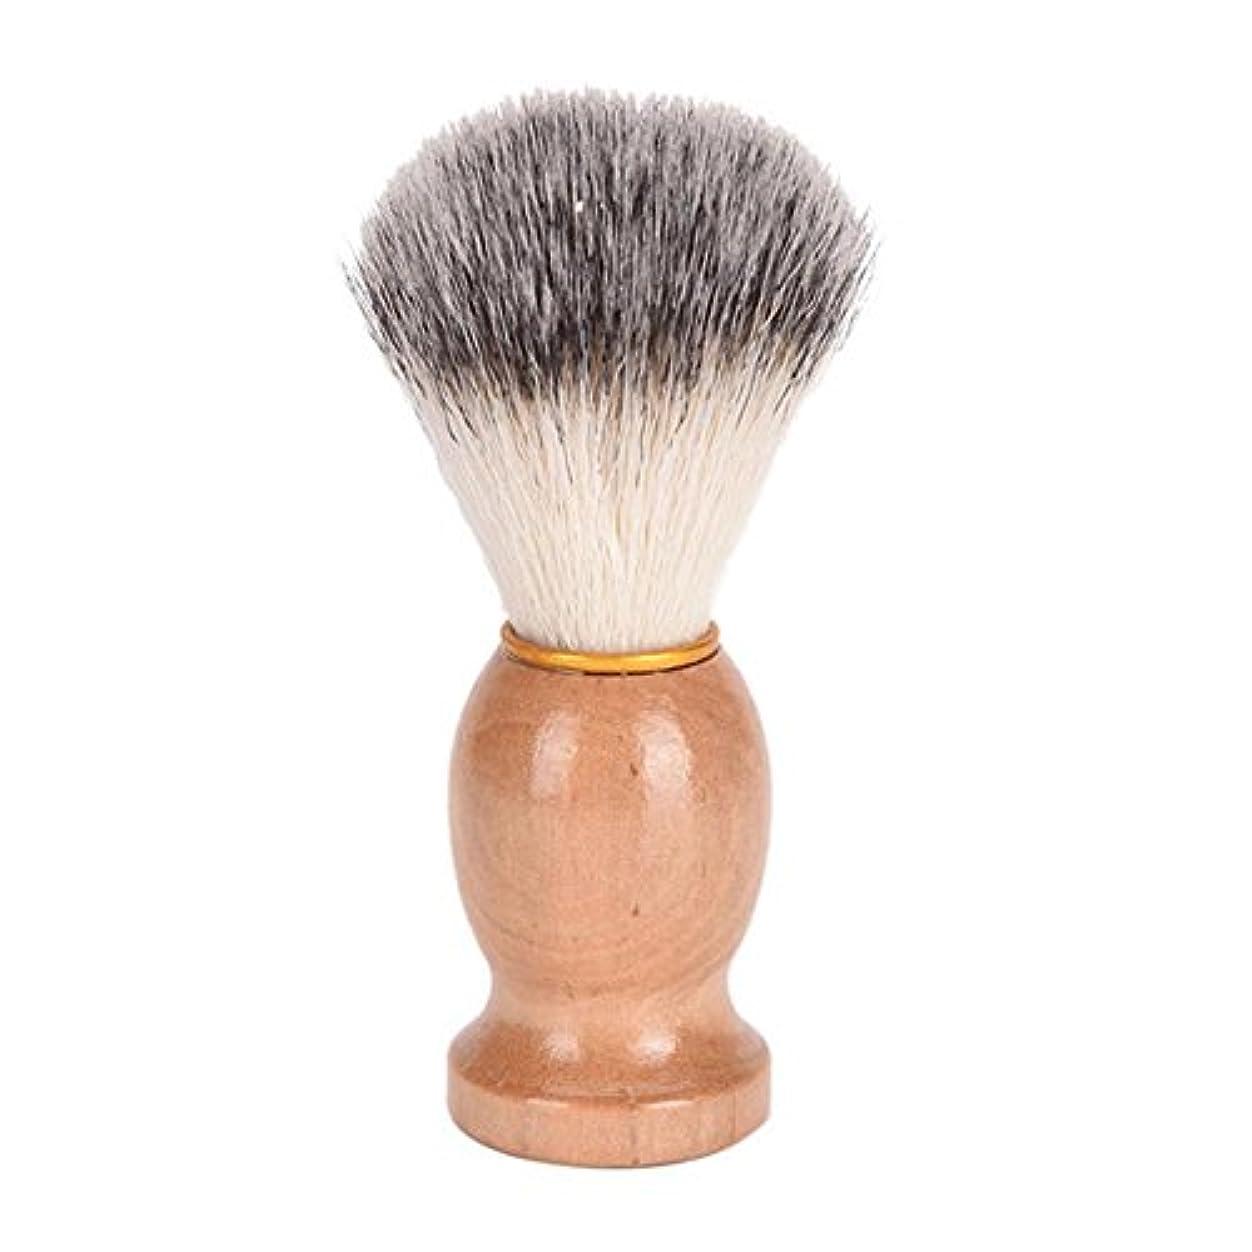 バズセールトレイひげブラシ 髭ブラシ シェービング用アクセサリー メンズ用 髭剃り ブラシ シェービングブラシ 木製ハンドル 男性 ギフト理容 洗顔 髭剃り